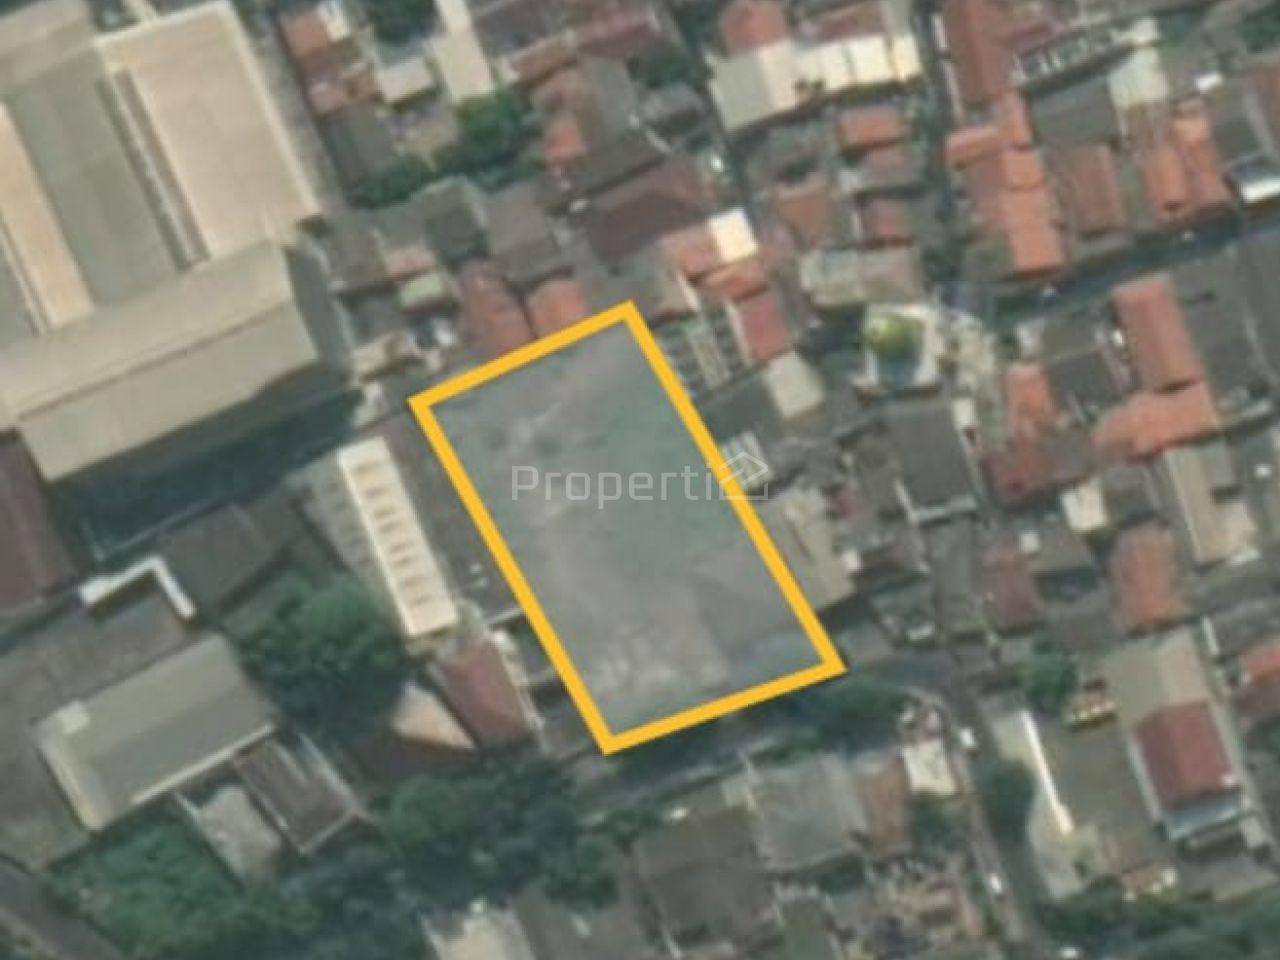 Land for Residential in Kebon Jeruk, West Jakarta, Kebon Jeruk